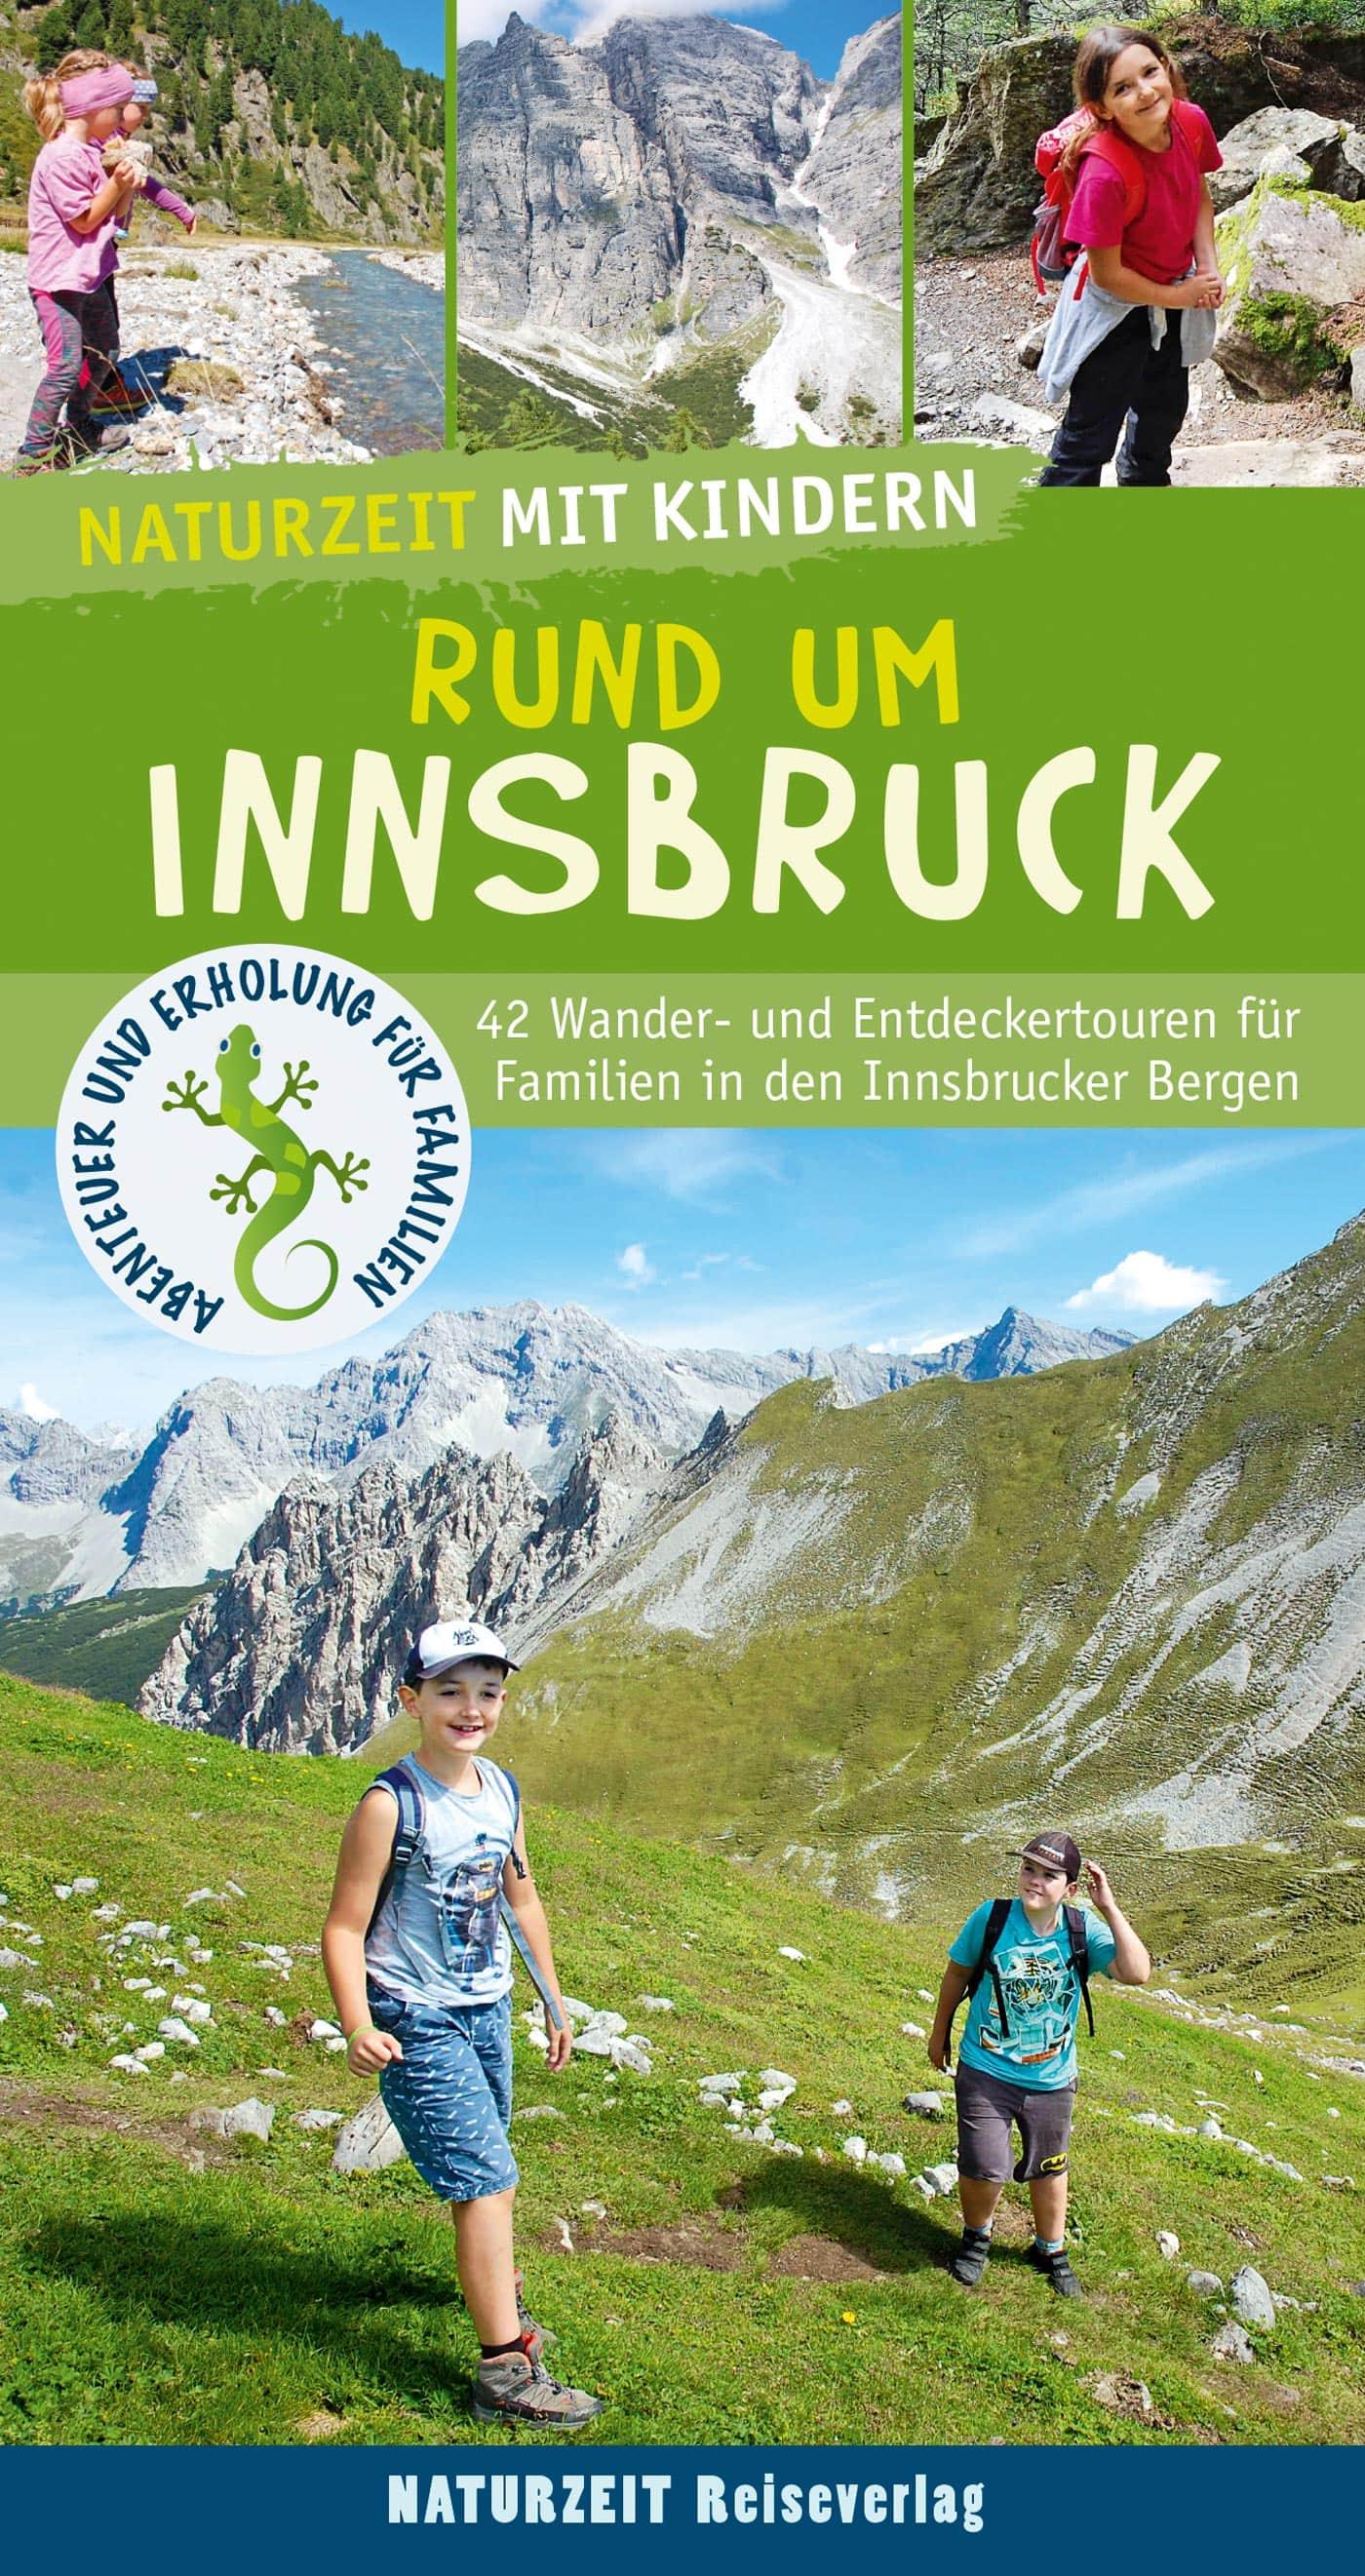 Naturzeit-Familienreiseführer: Wandern mit Kindern rund um Innsbruck // HIMBEER